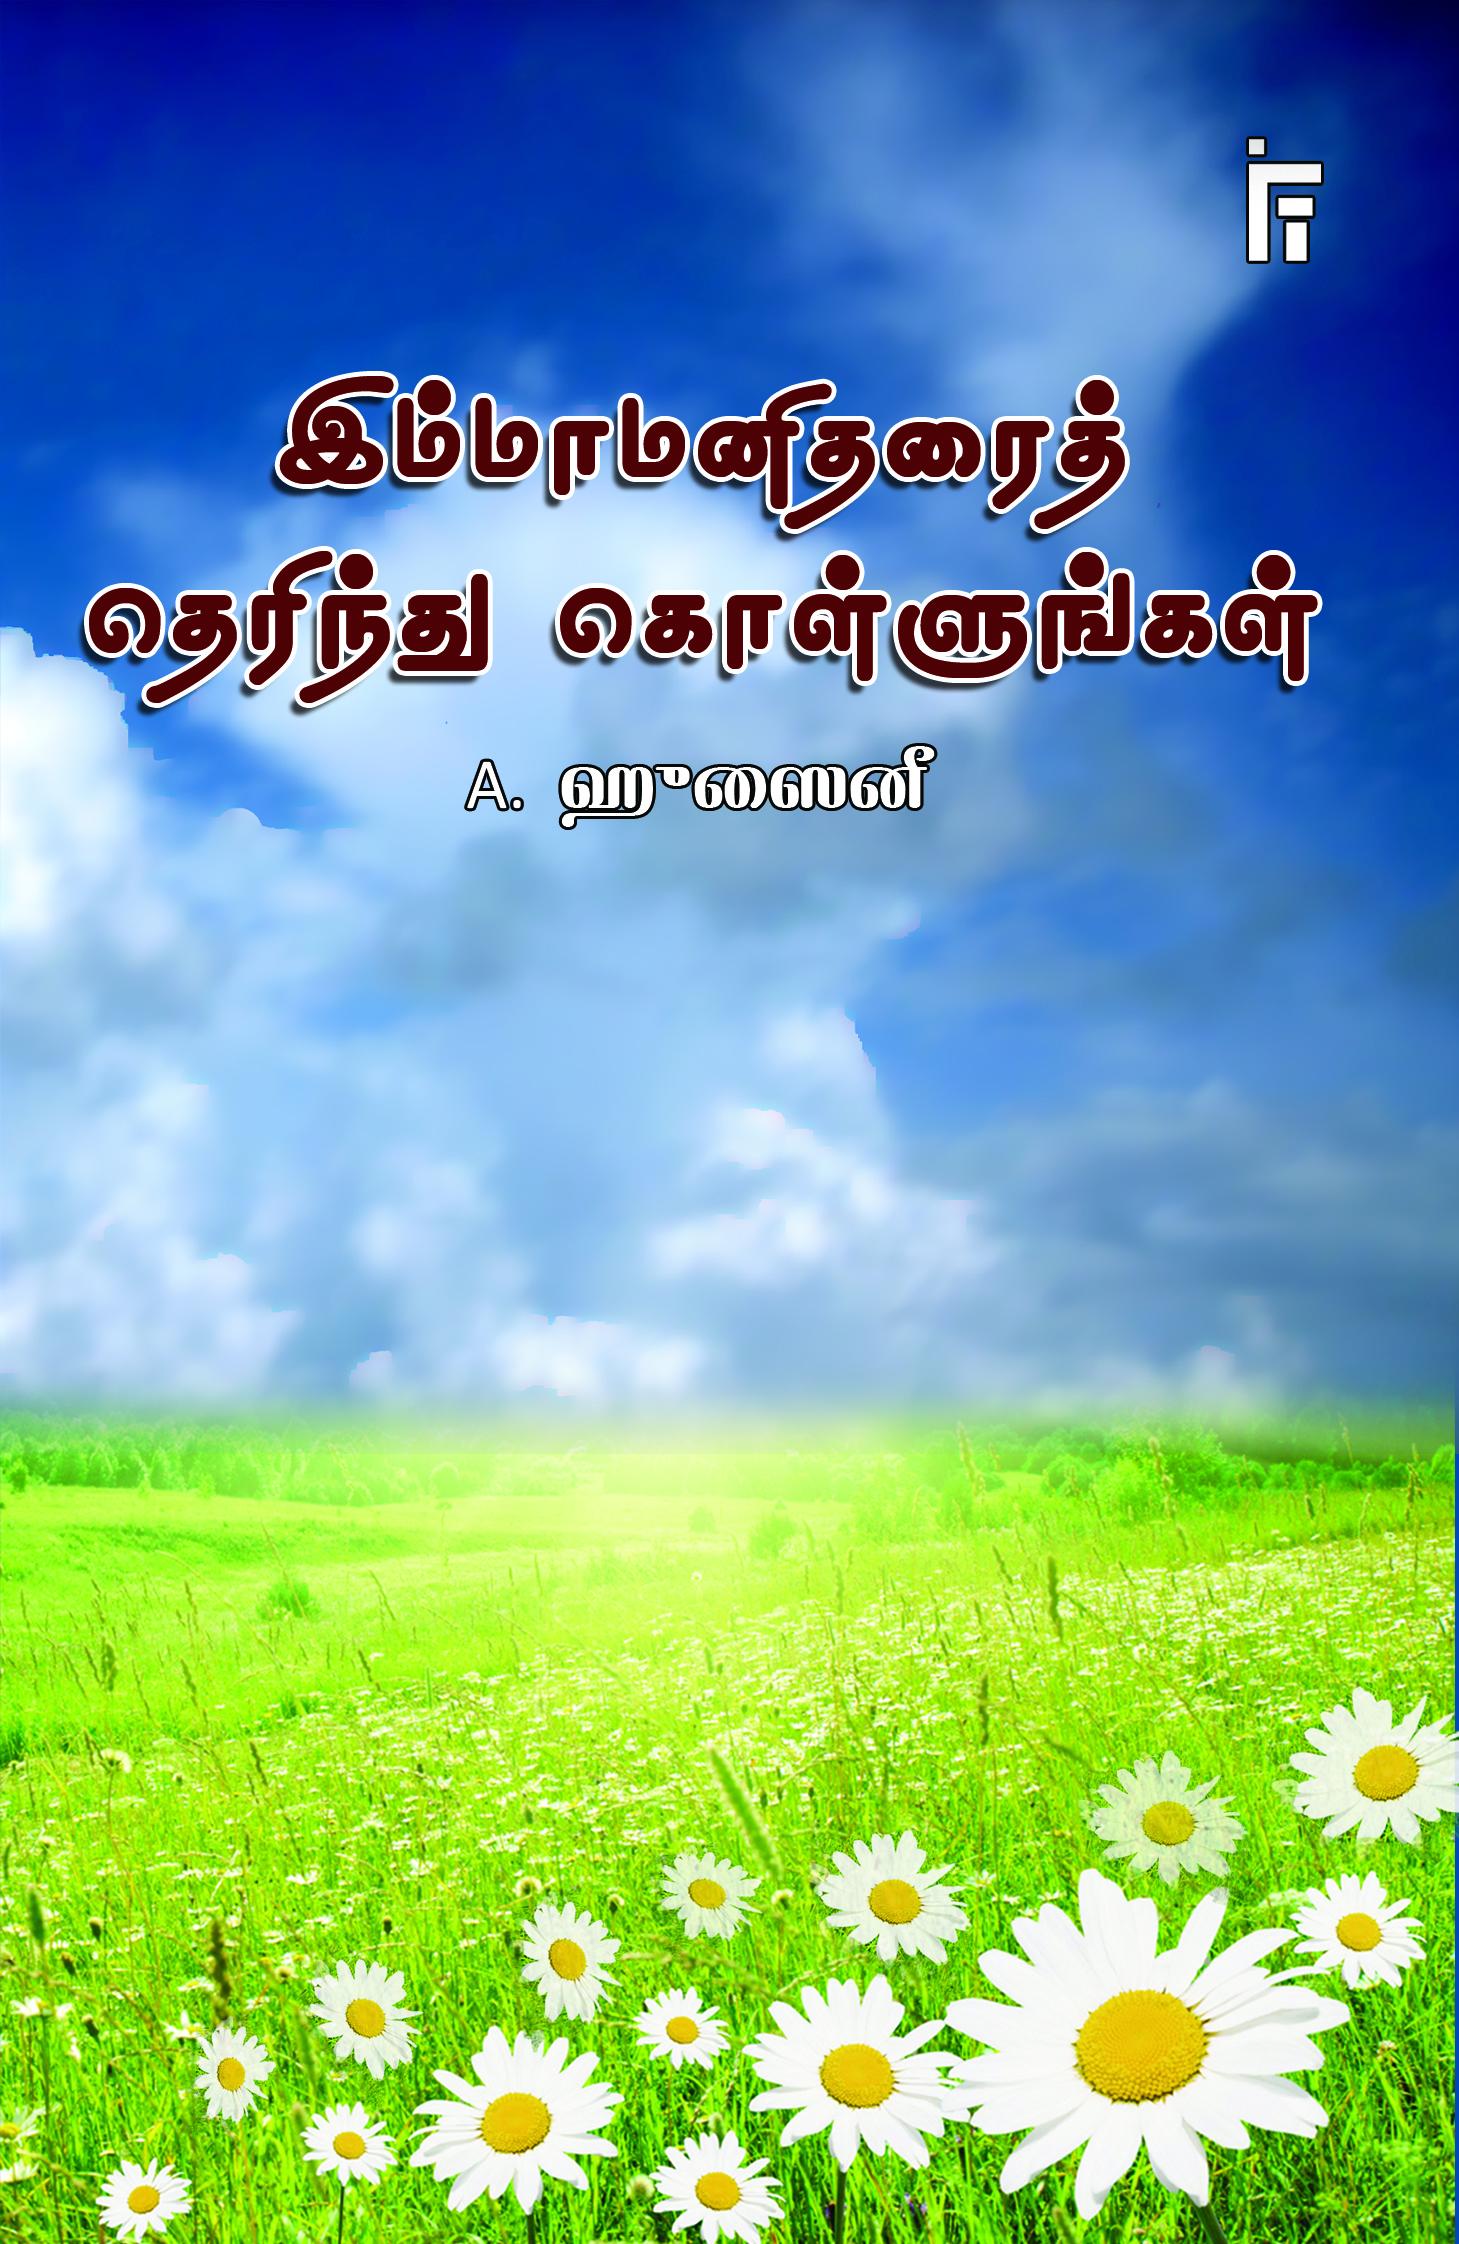 இம்மாமனிதரை தெரிந்து கொள்ளுங்கள்-Immamanitharai therinthu kollunkaḷ